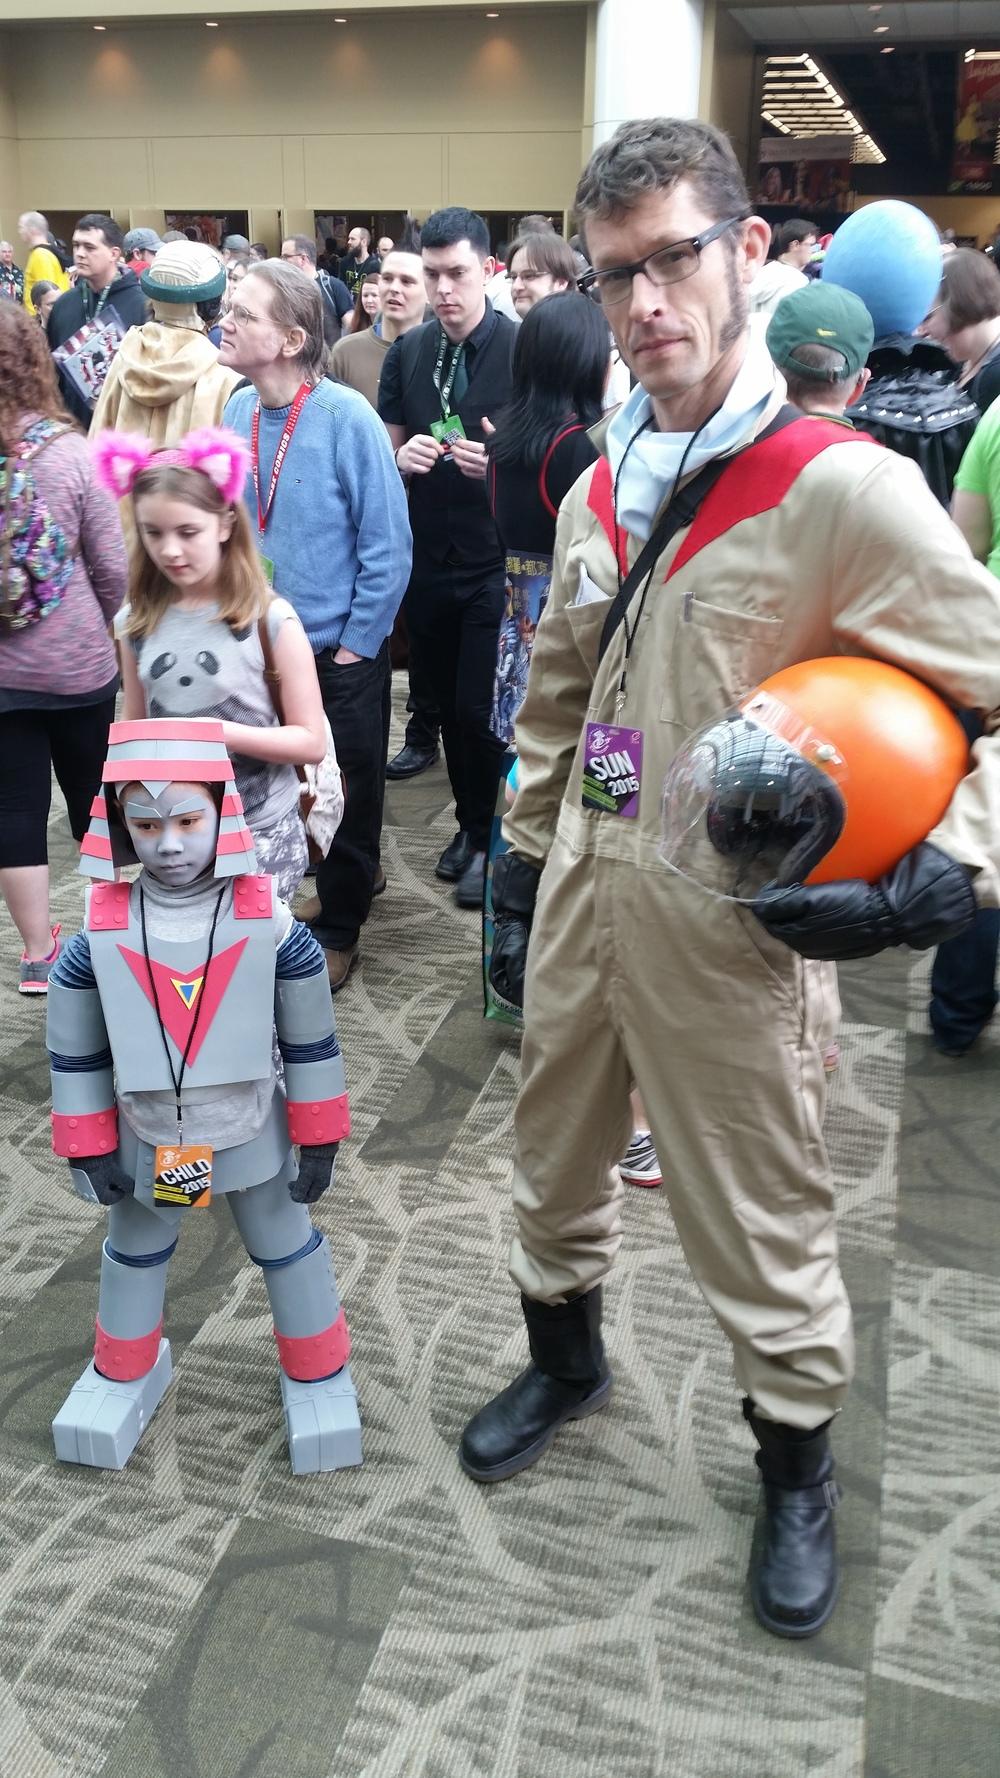 Another classic #anime at #ECCC #JohnnySokko and his #GiantRobo #tokusatsu #cosplay #otaku